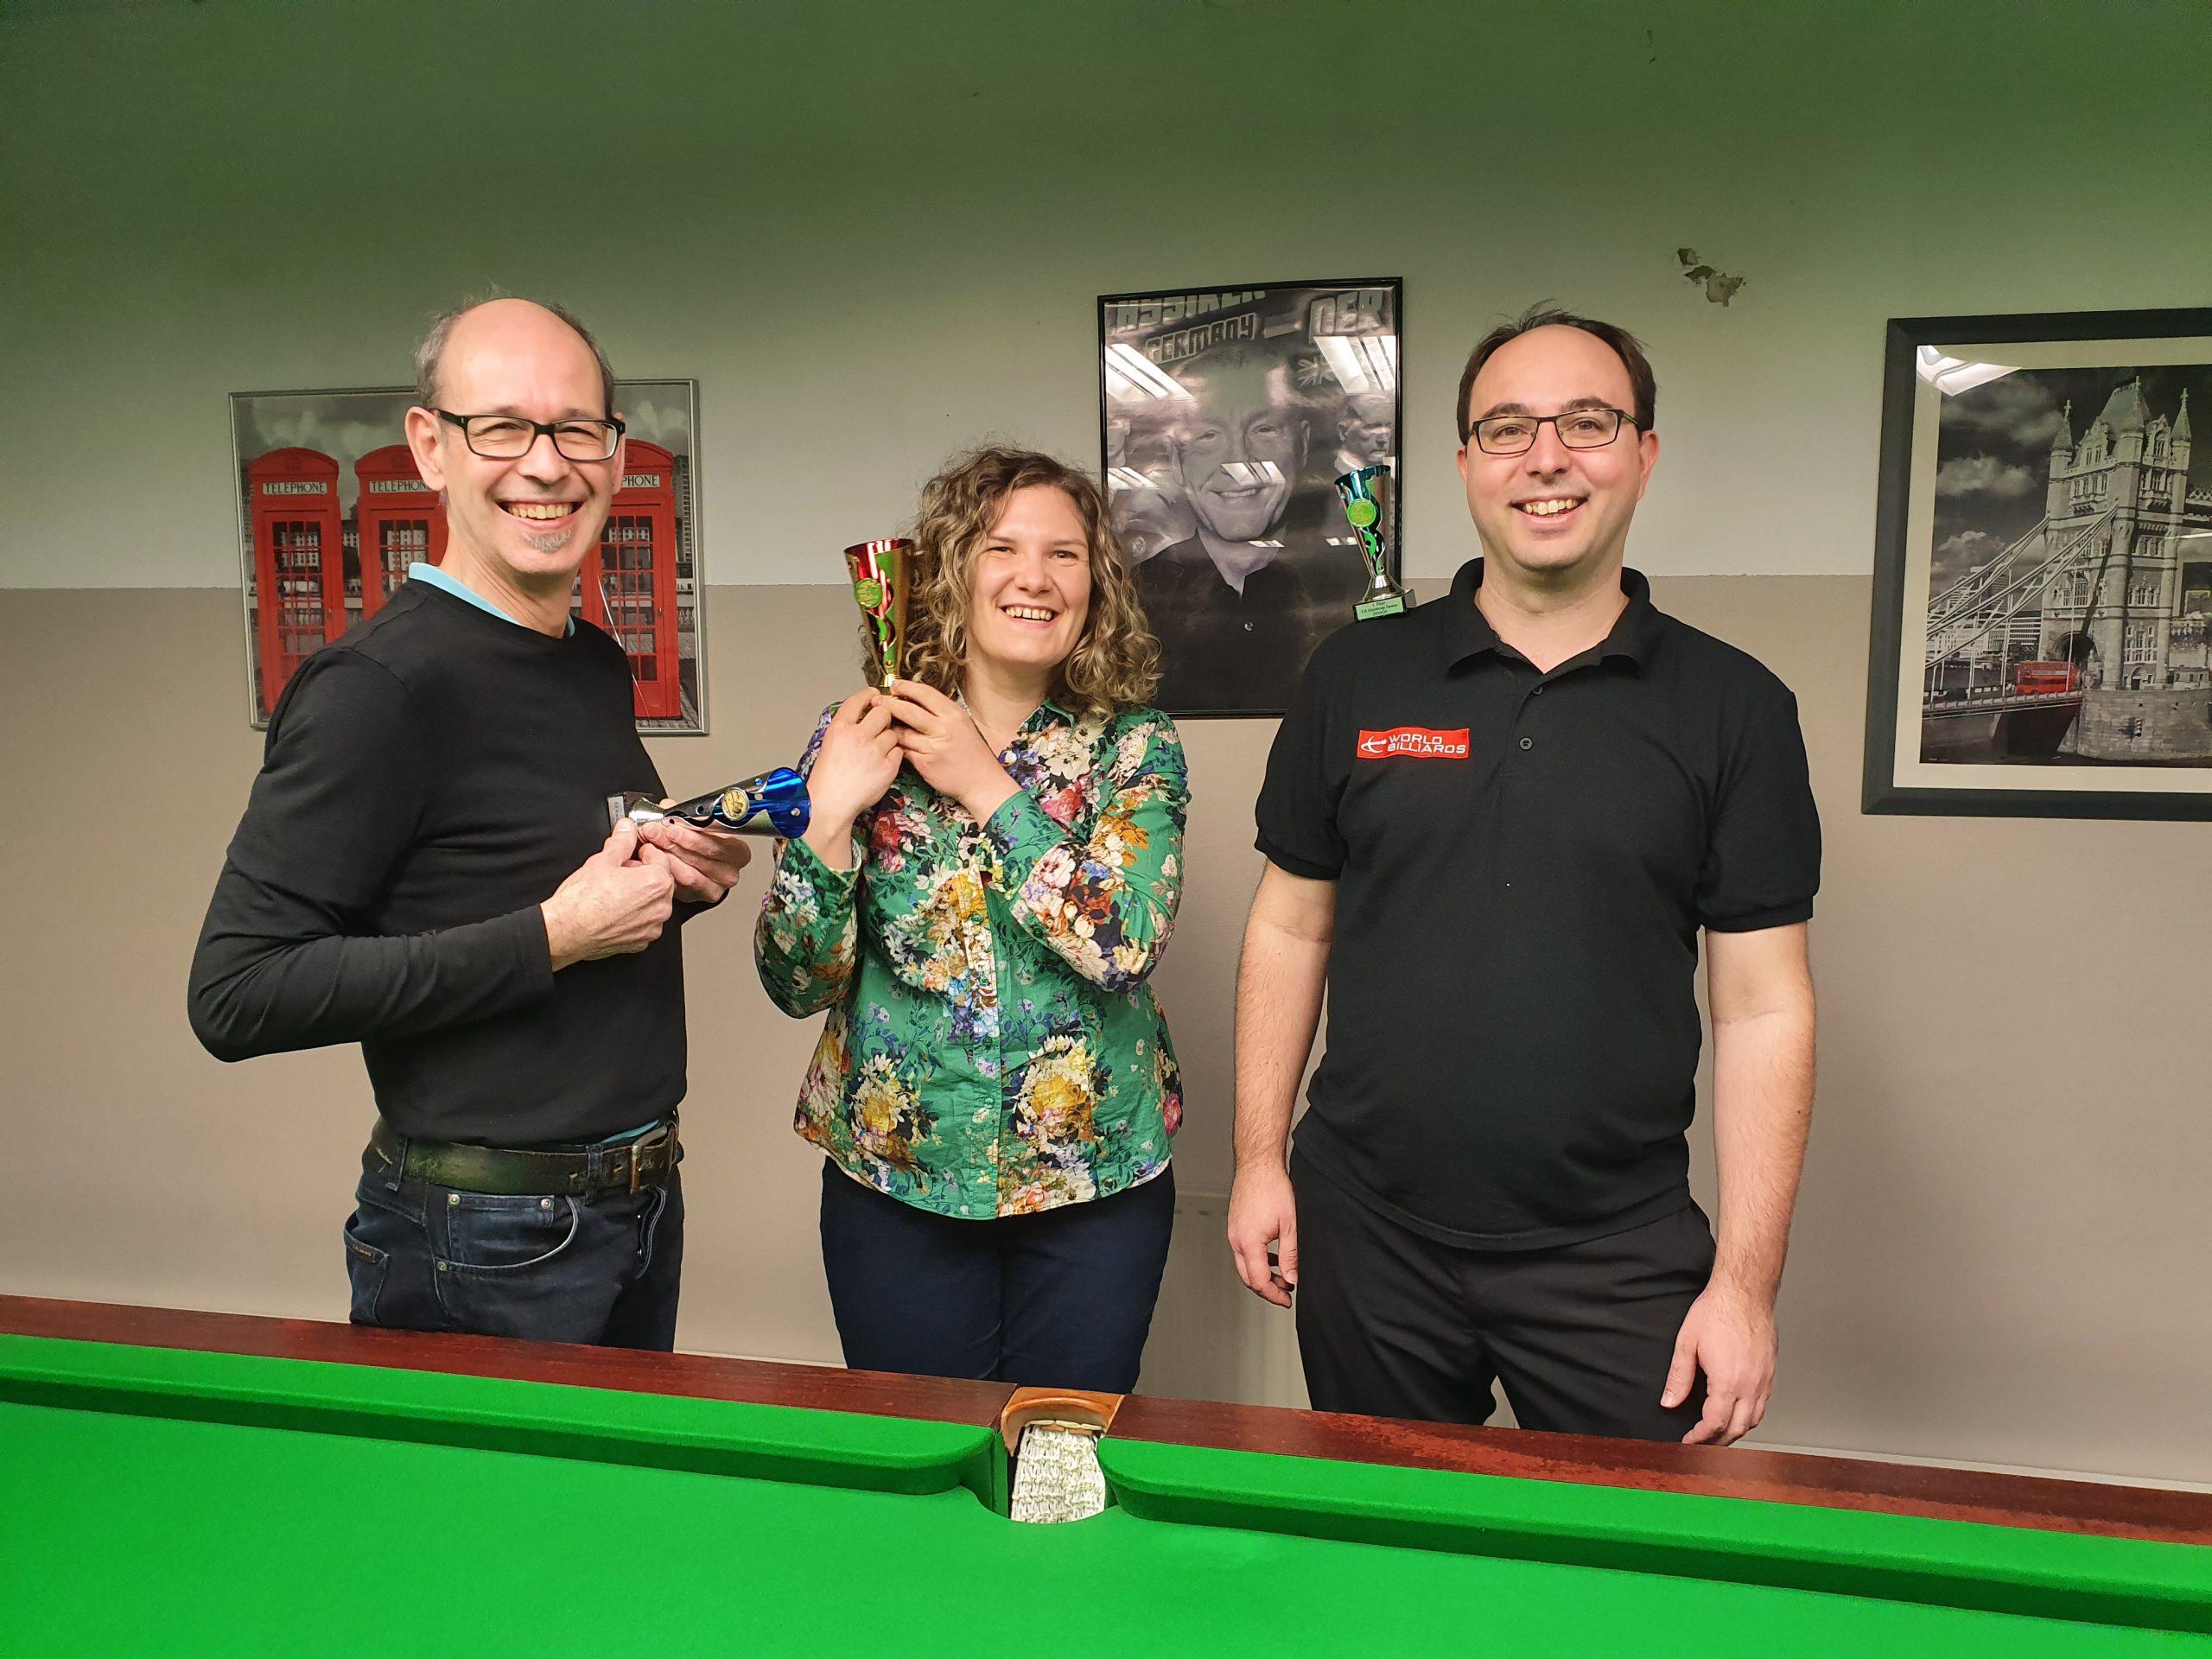 English Billiards Handicap Serie: Turniersieg für Franz Starhan, Saisonsieg für Stephanie Doležal.